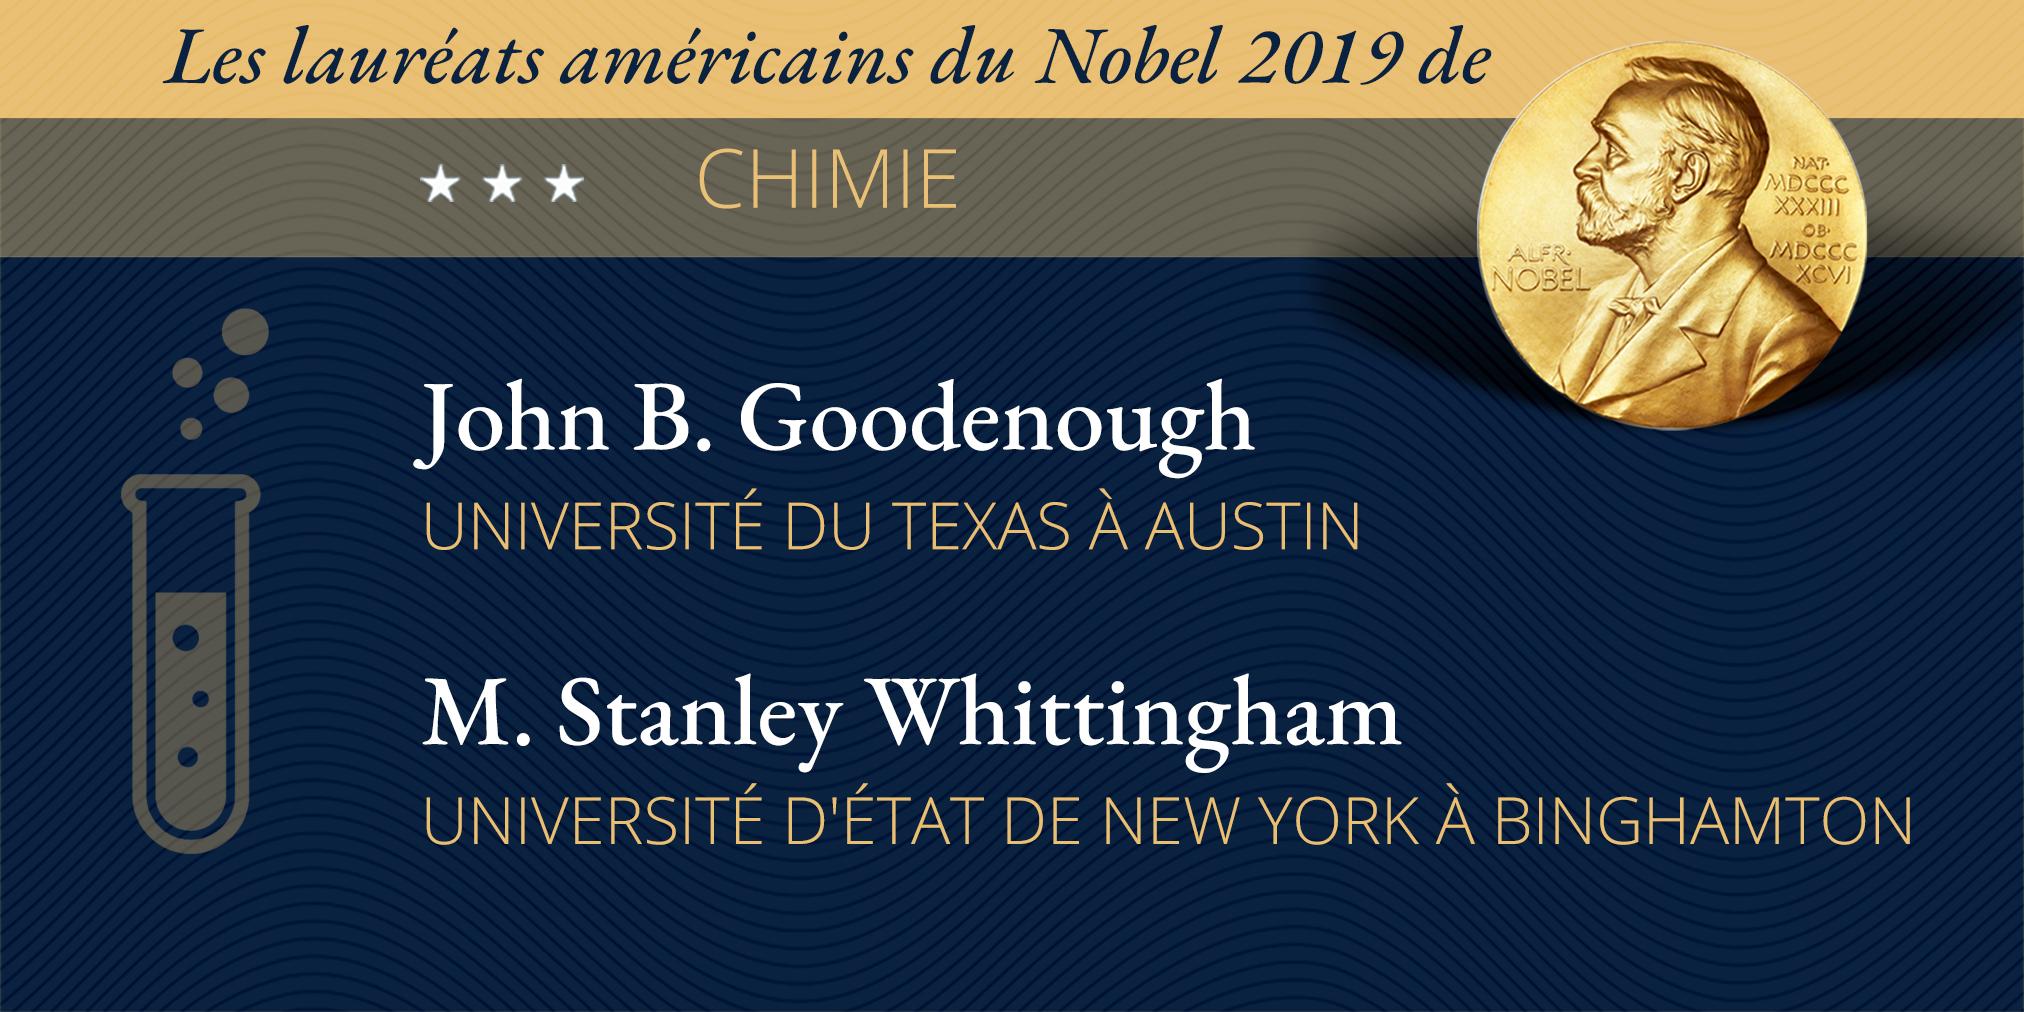 Infographie indiquant le nom des deux lauréats américains du prix Nobel 2019 en chimie